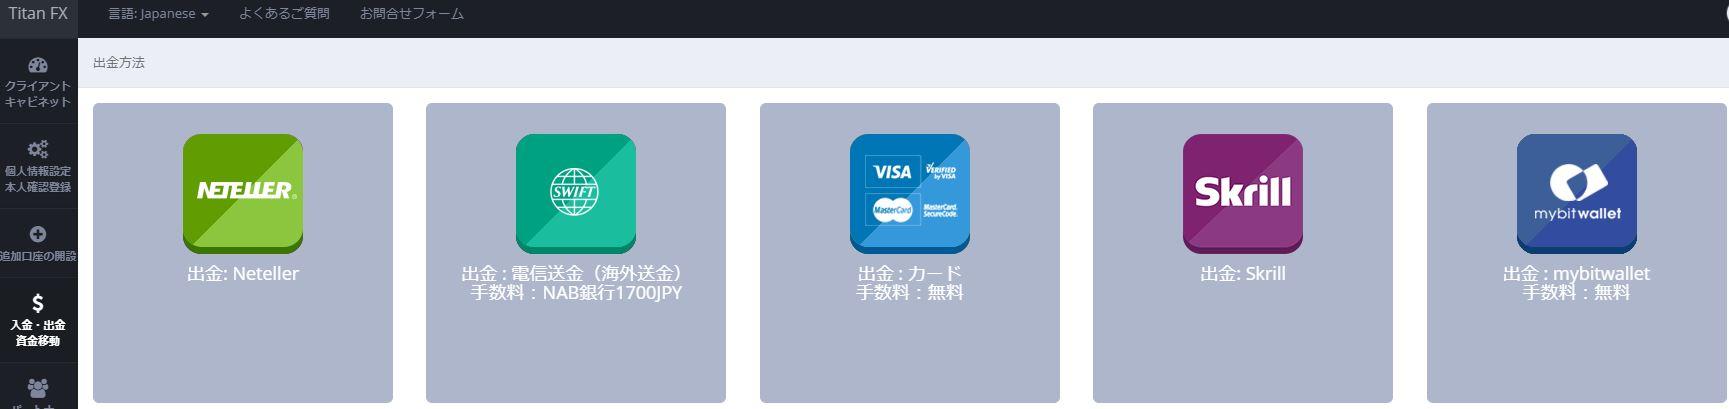 海外FX TitanFX タイタンFX 出金方法選択画面